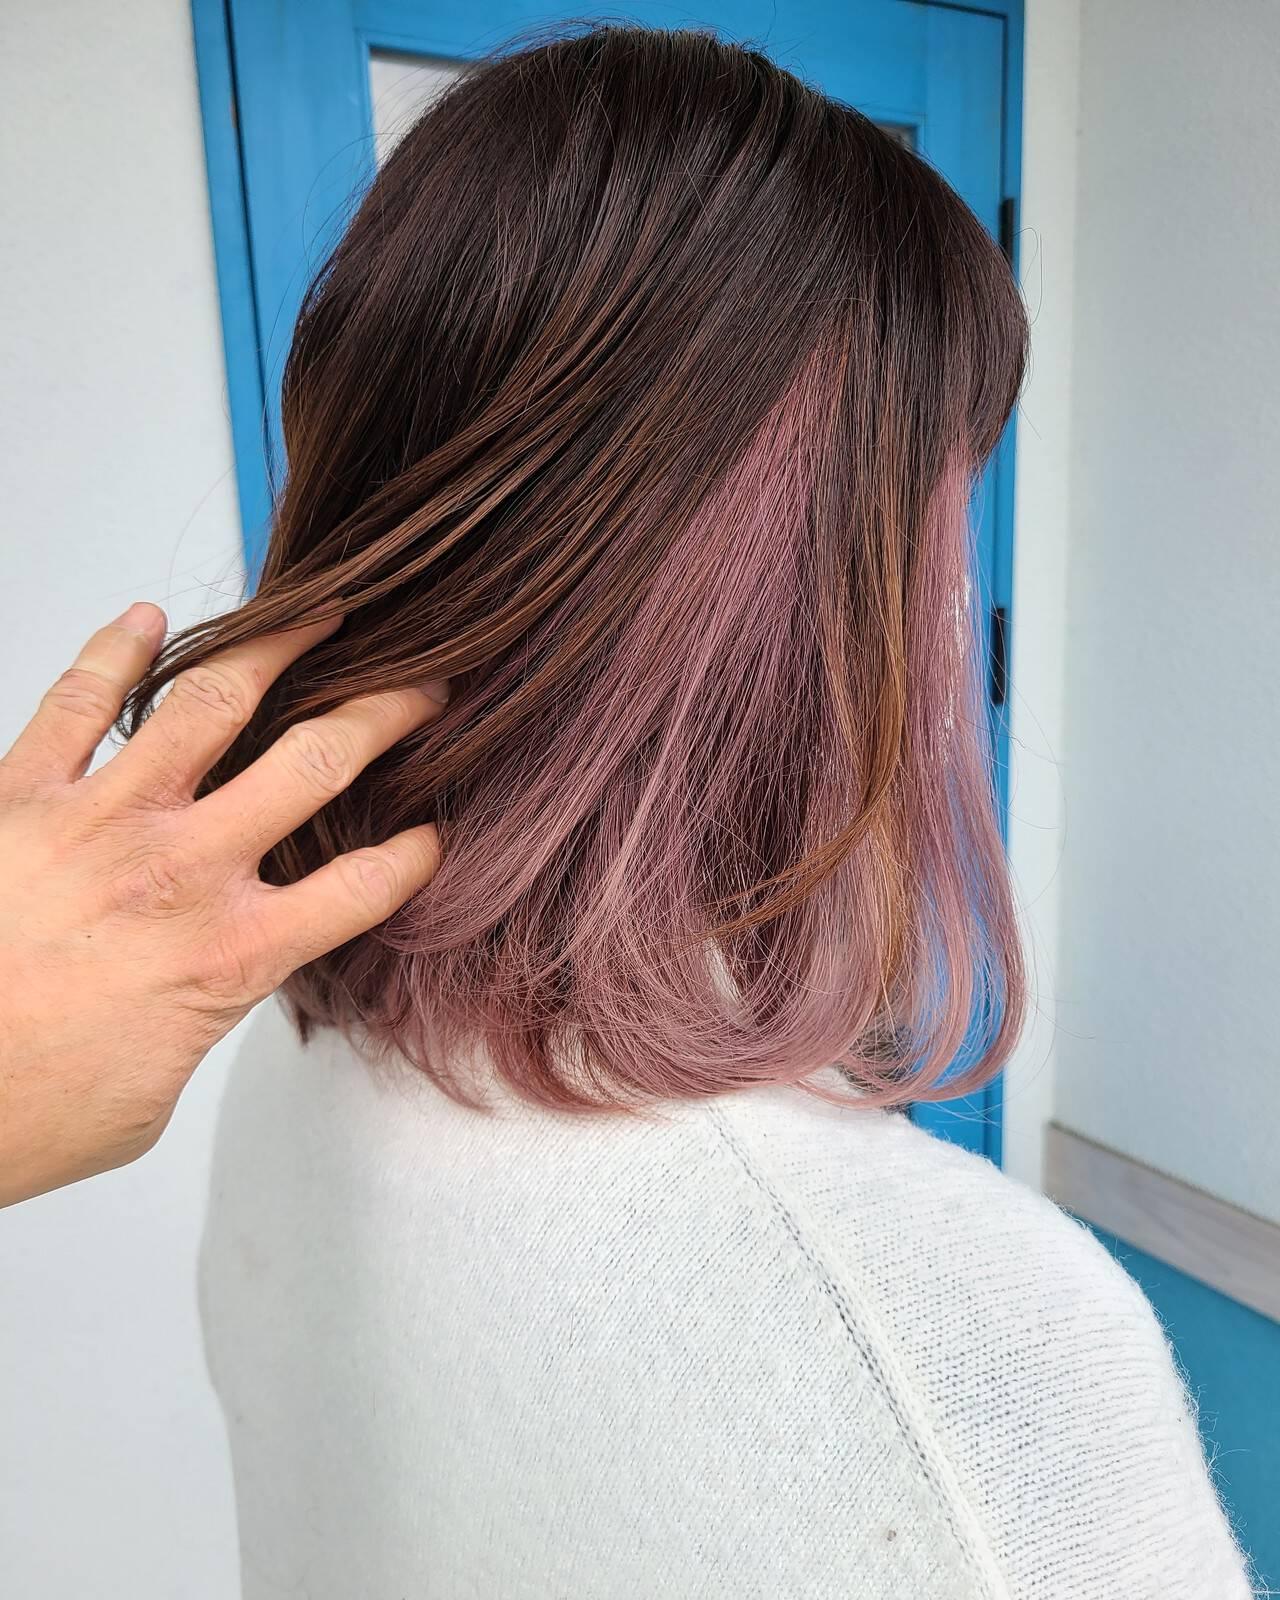 抜け感 透明感カラー 圧倒的透明感 セミロングヘアスタイルや髪型の写真・画像